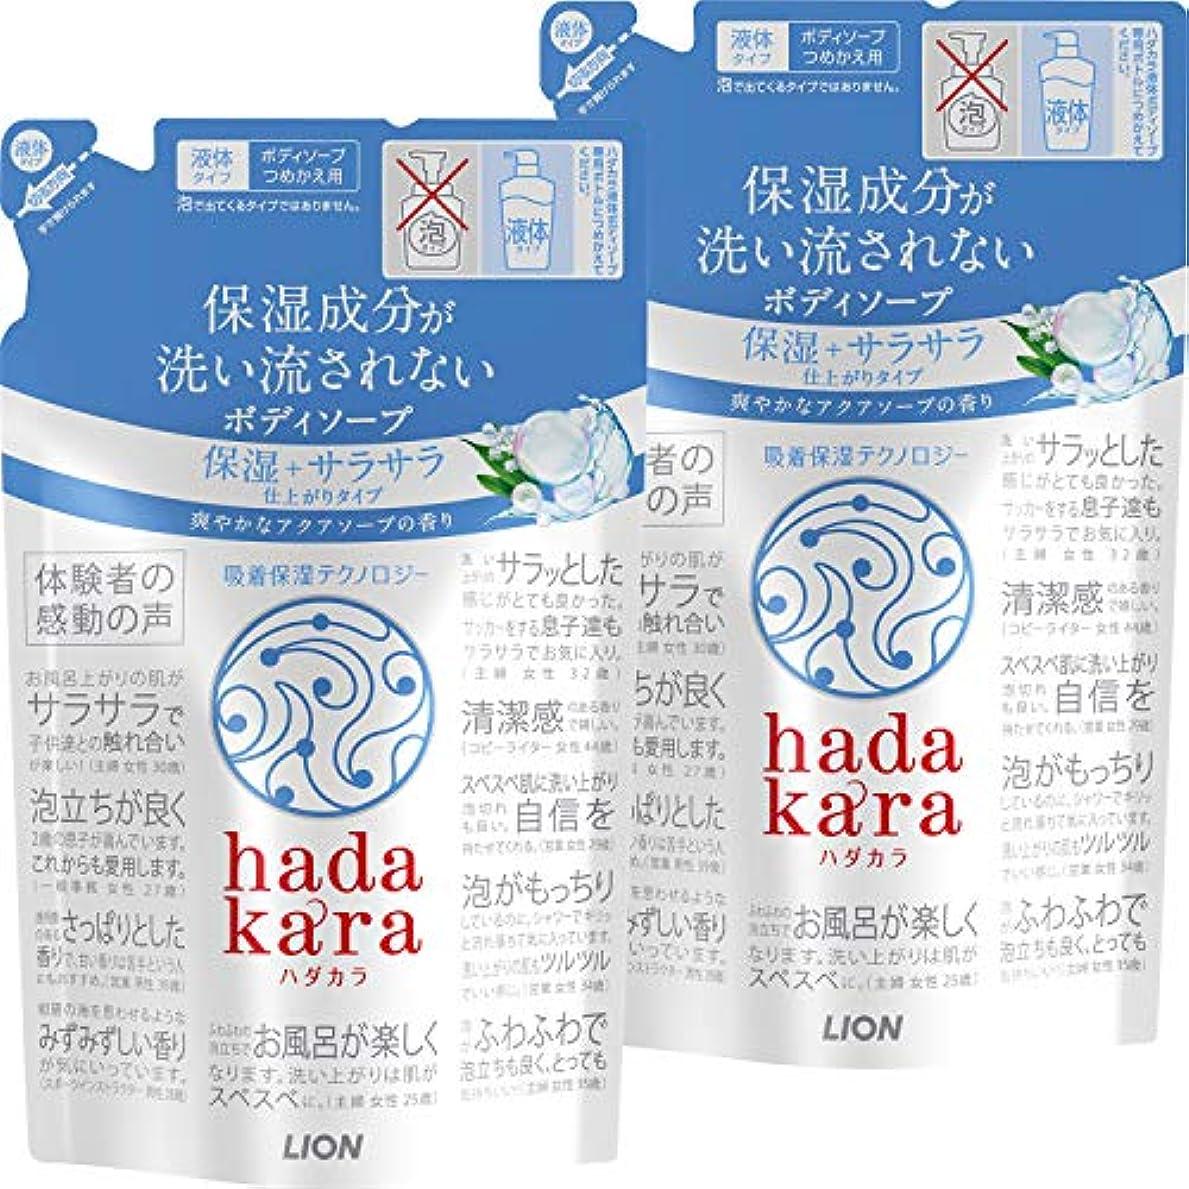 失礼めまいが岩【まとめ買い】hadakara(ハダカラ) ボディソープ 保湿+サラサラ仕上がりタイプ アクアソープの香り 詰め替え 340ml×2個パック